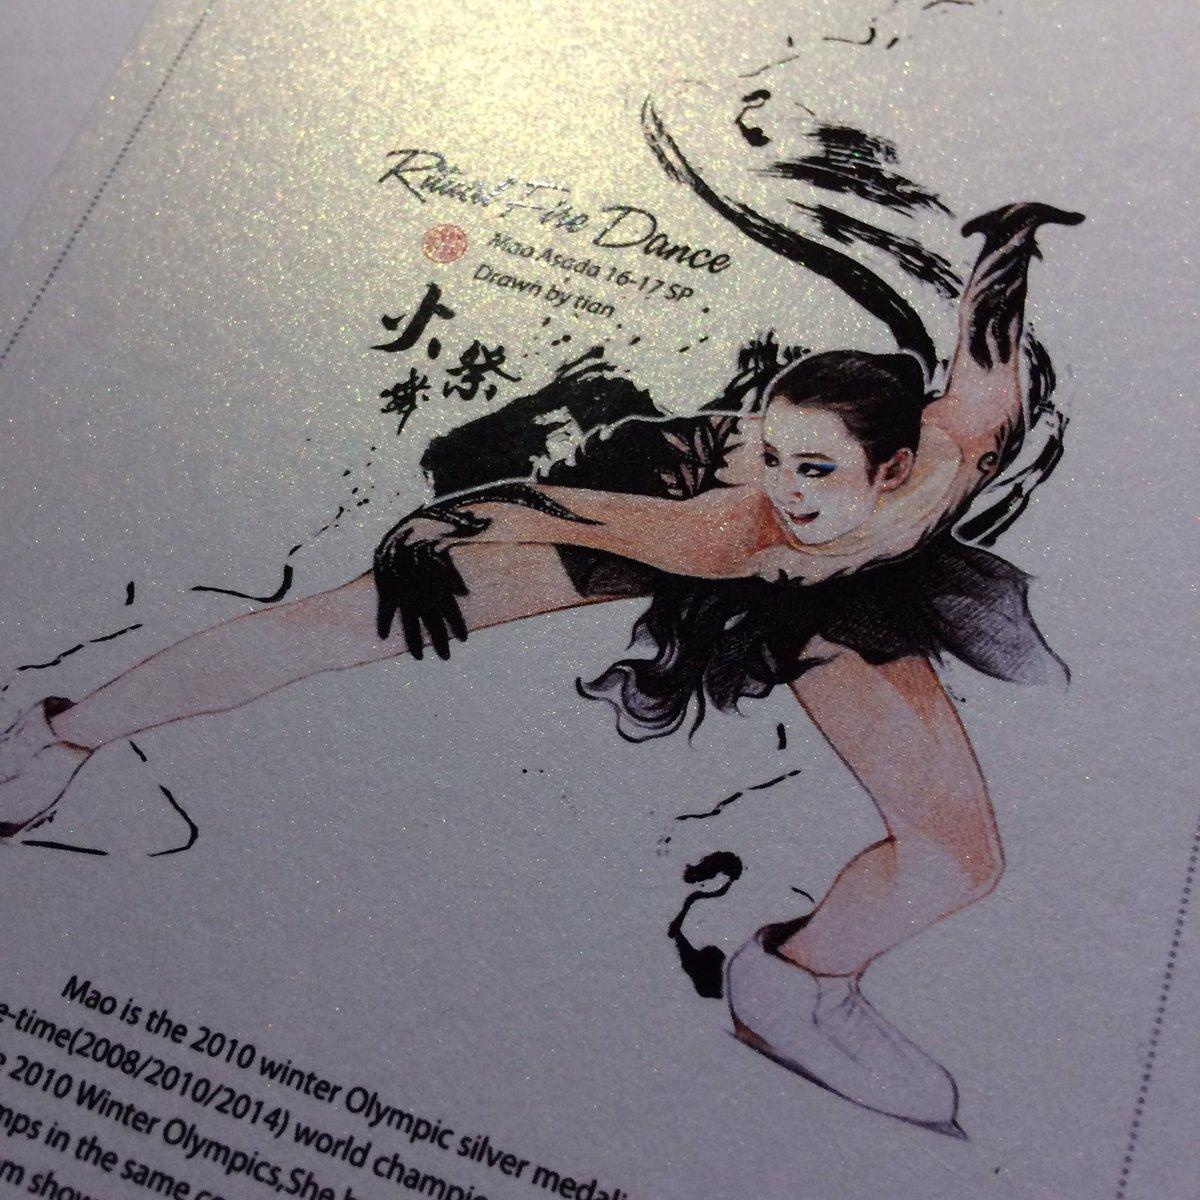 中国人が描いた浅田真央のイラストがそっくりでかっこいいと話題に